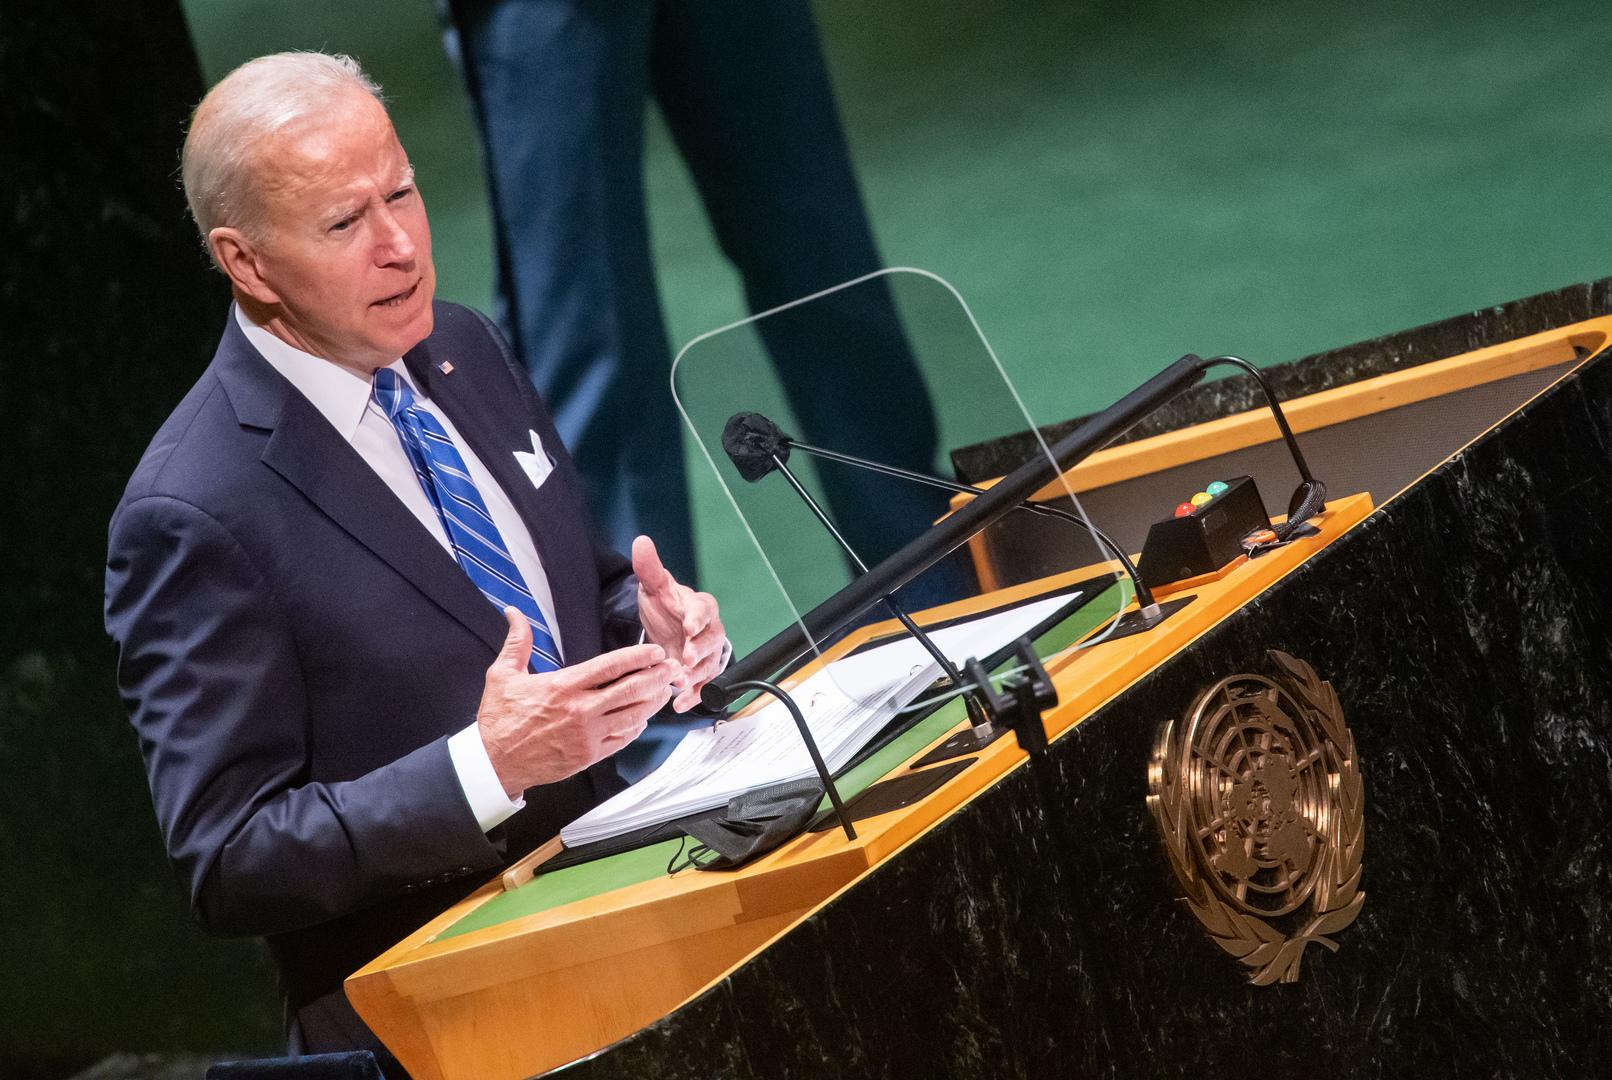 بايدن: بانسحابنا من أفغانستان أنهينا عهد الحرب ونفتتح عهد الدبلوماسية